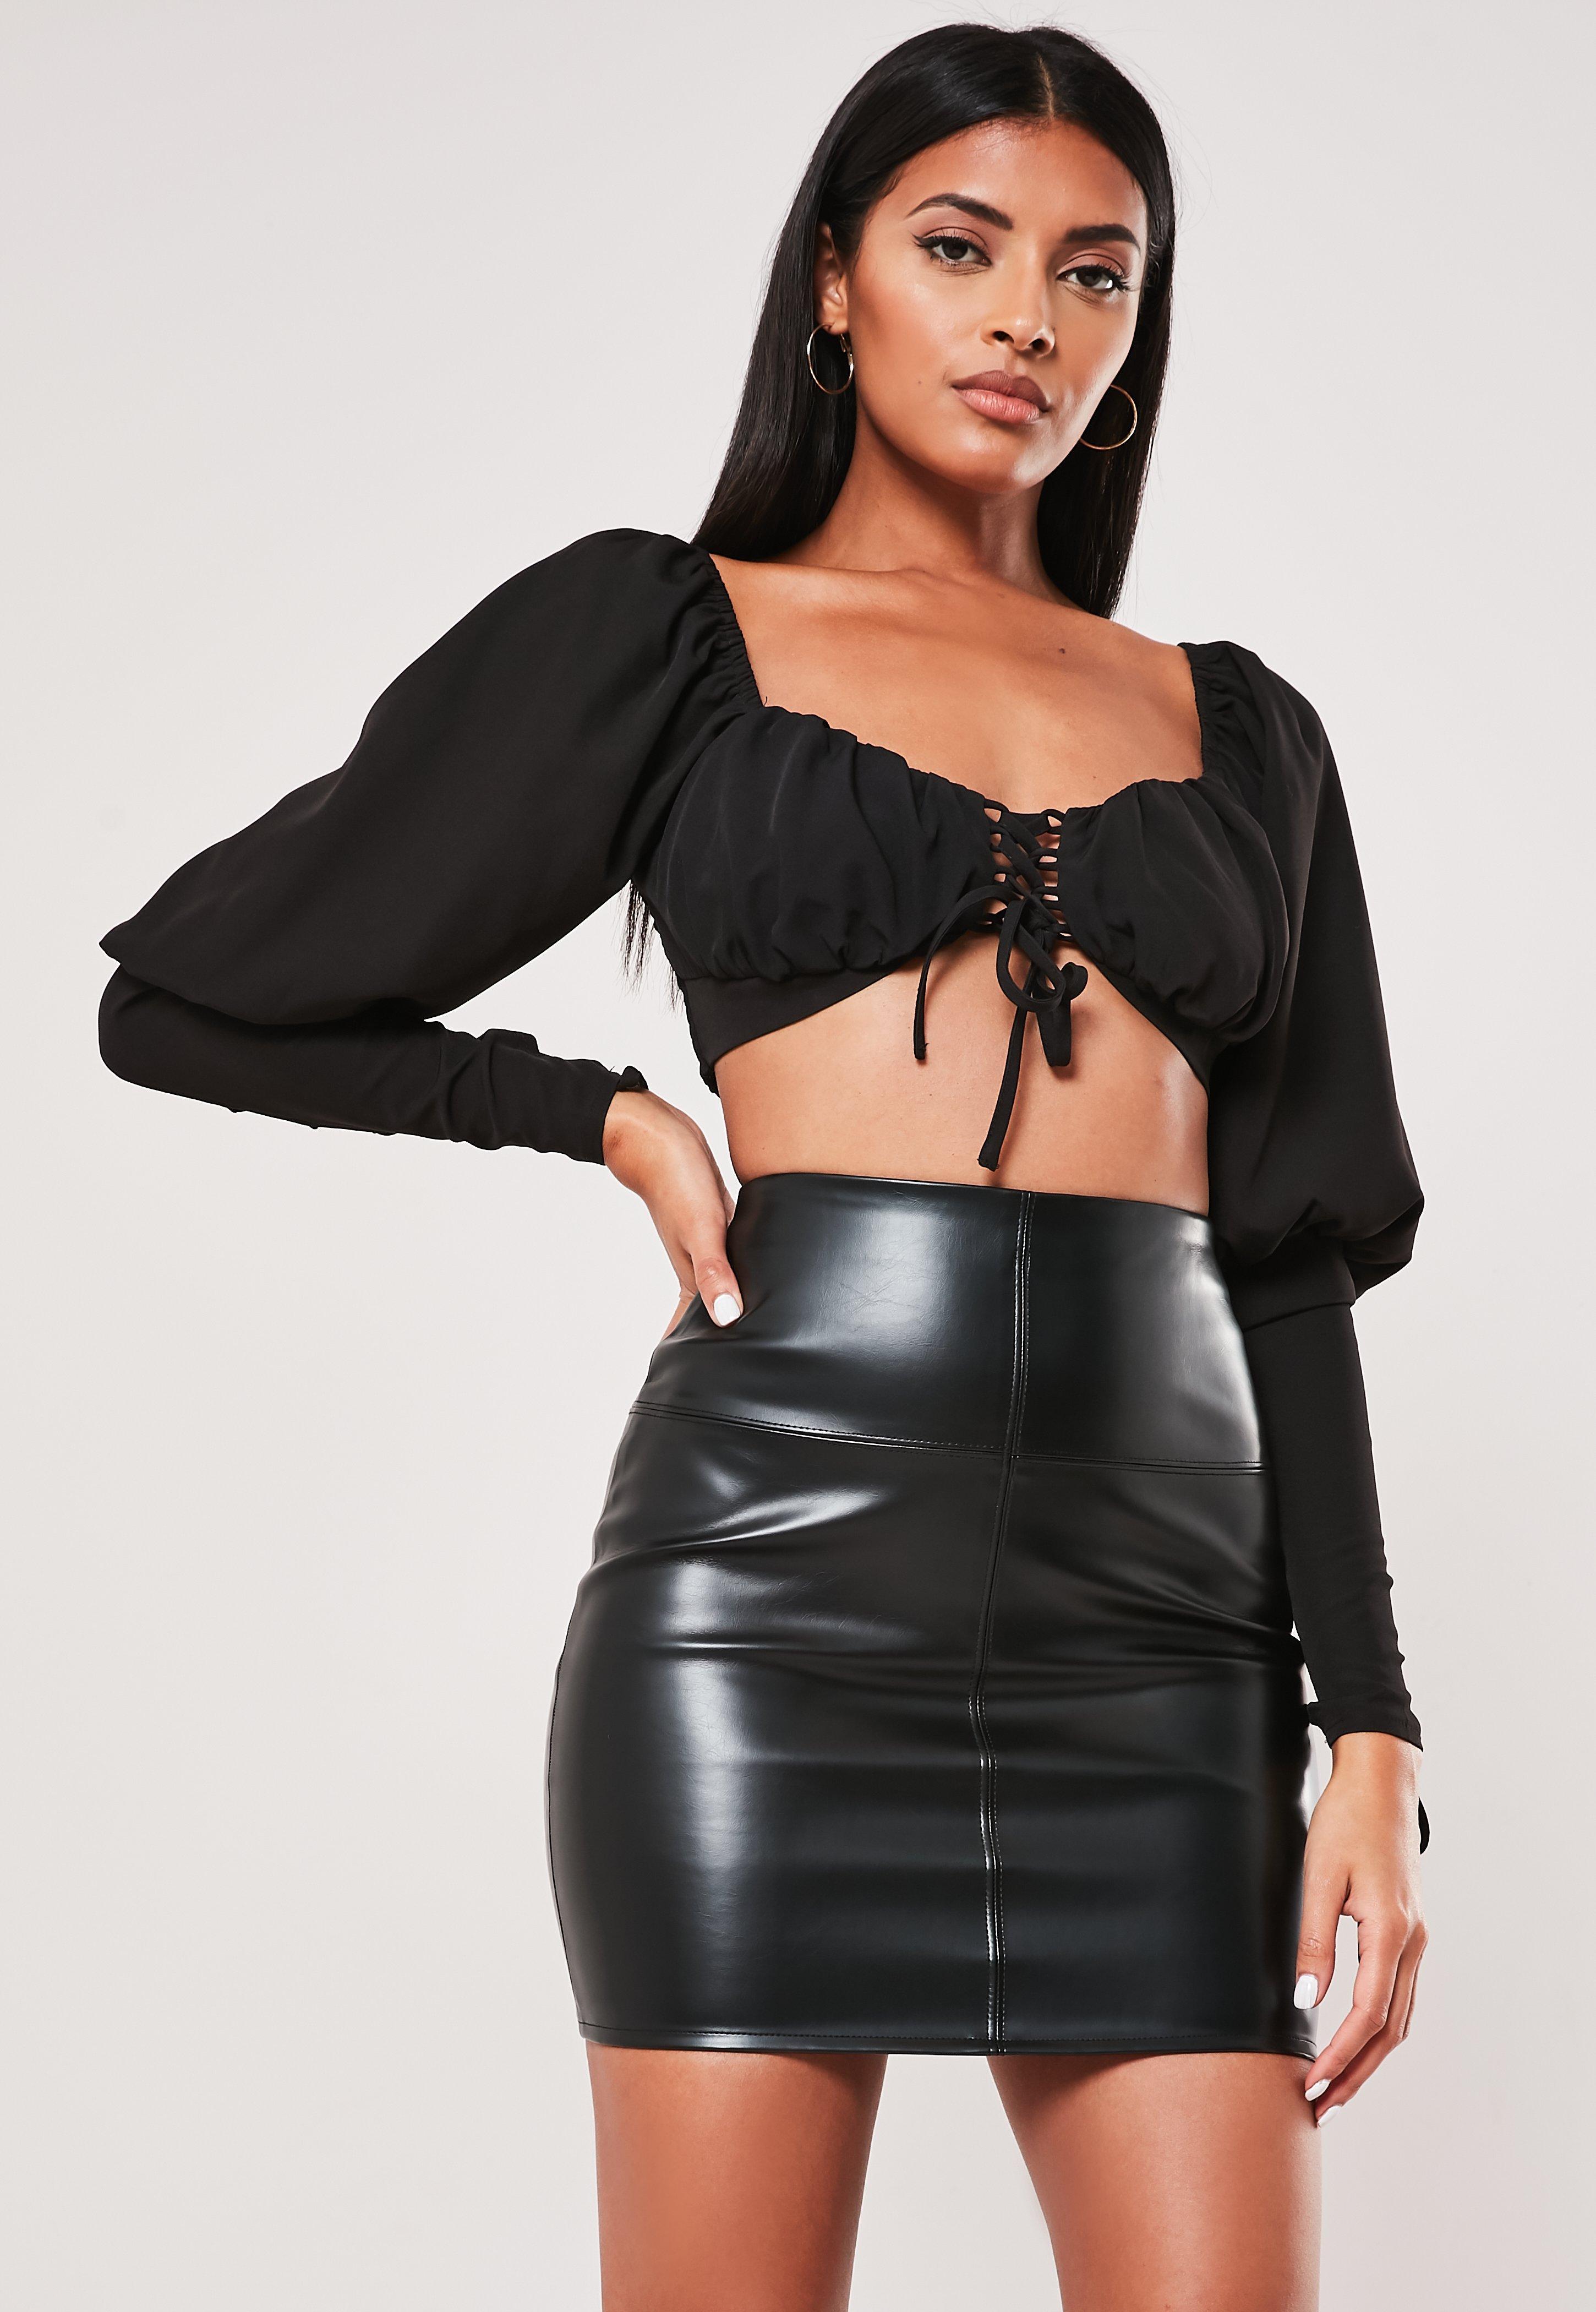 Vente Pas Cher 2018 De Nouveaux Styles En Ligne Missguided Noires en simili cuir Acheter Vente Pas Cher LvZZIJkcae